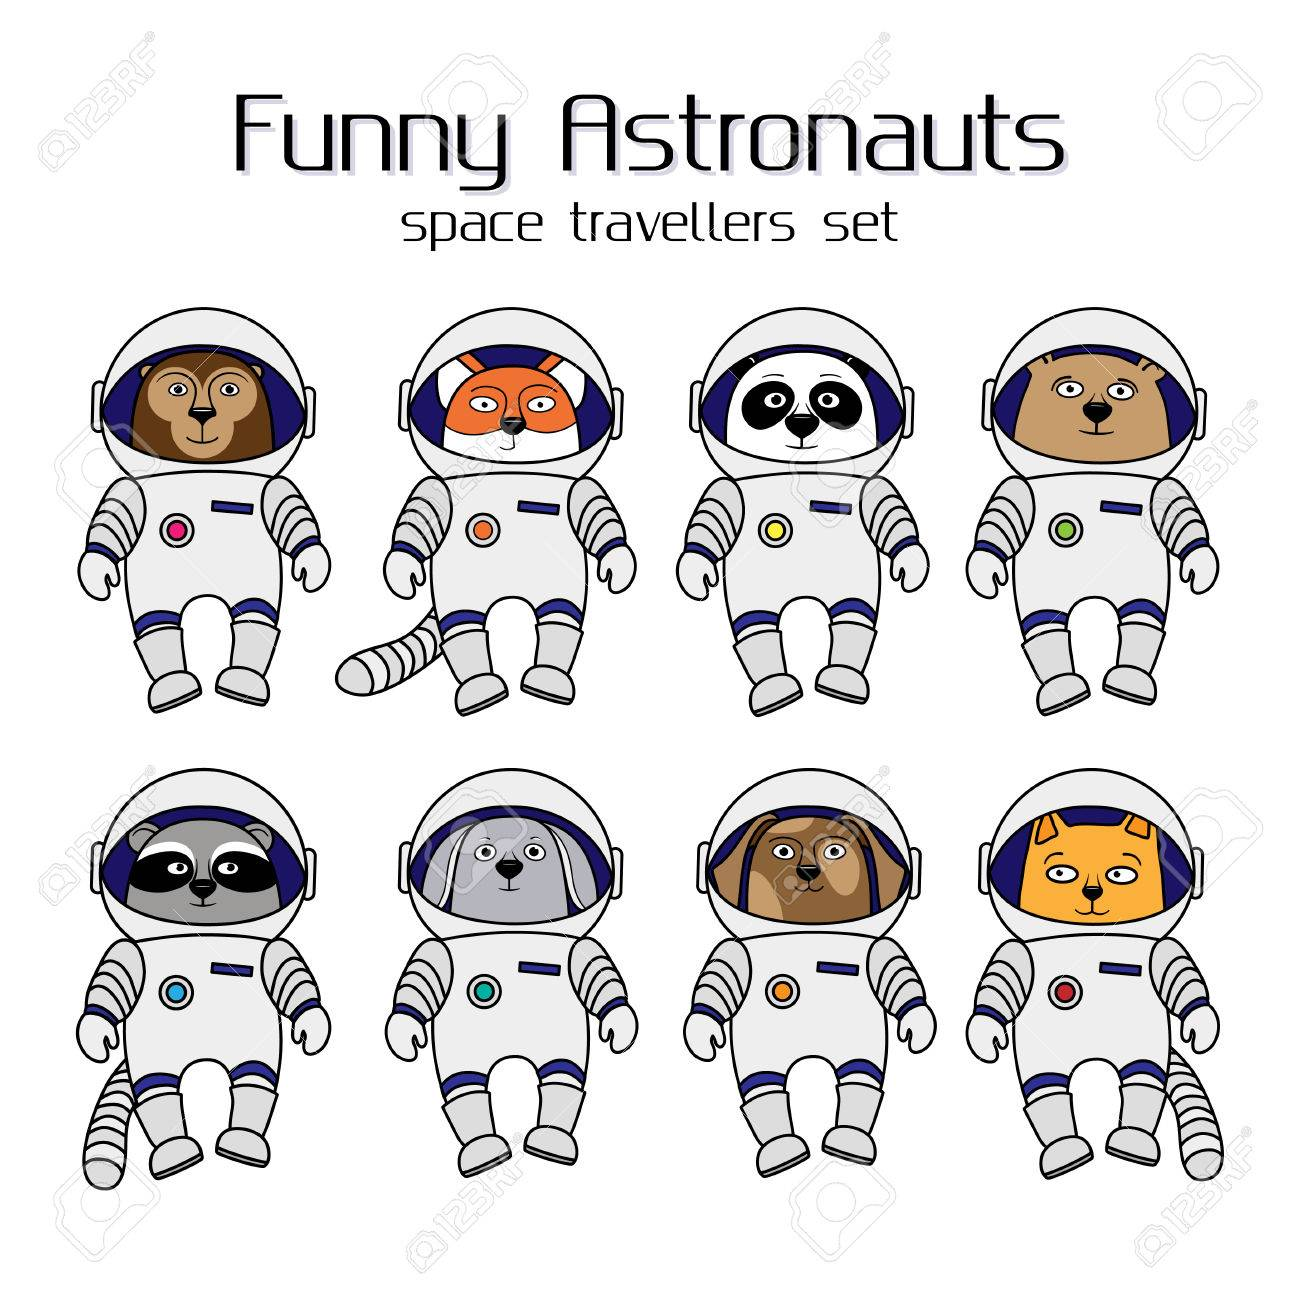 かわいい動物の宇宙飛行士一連の漫画イラスト白背景で分離されました